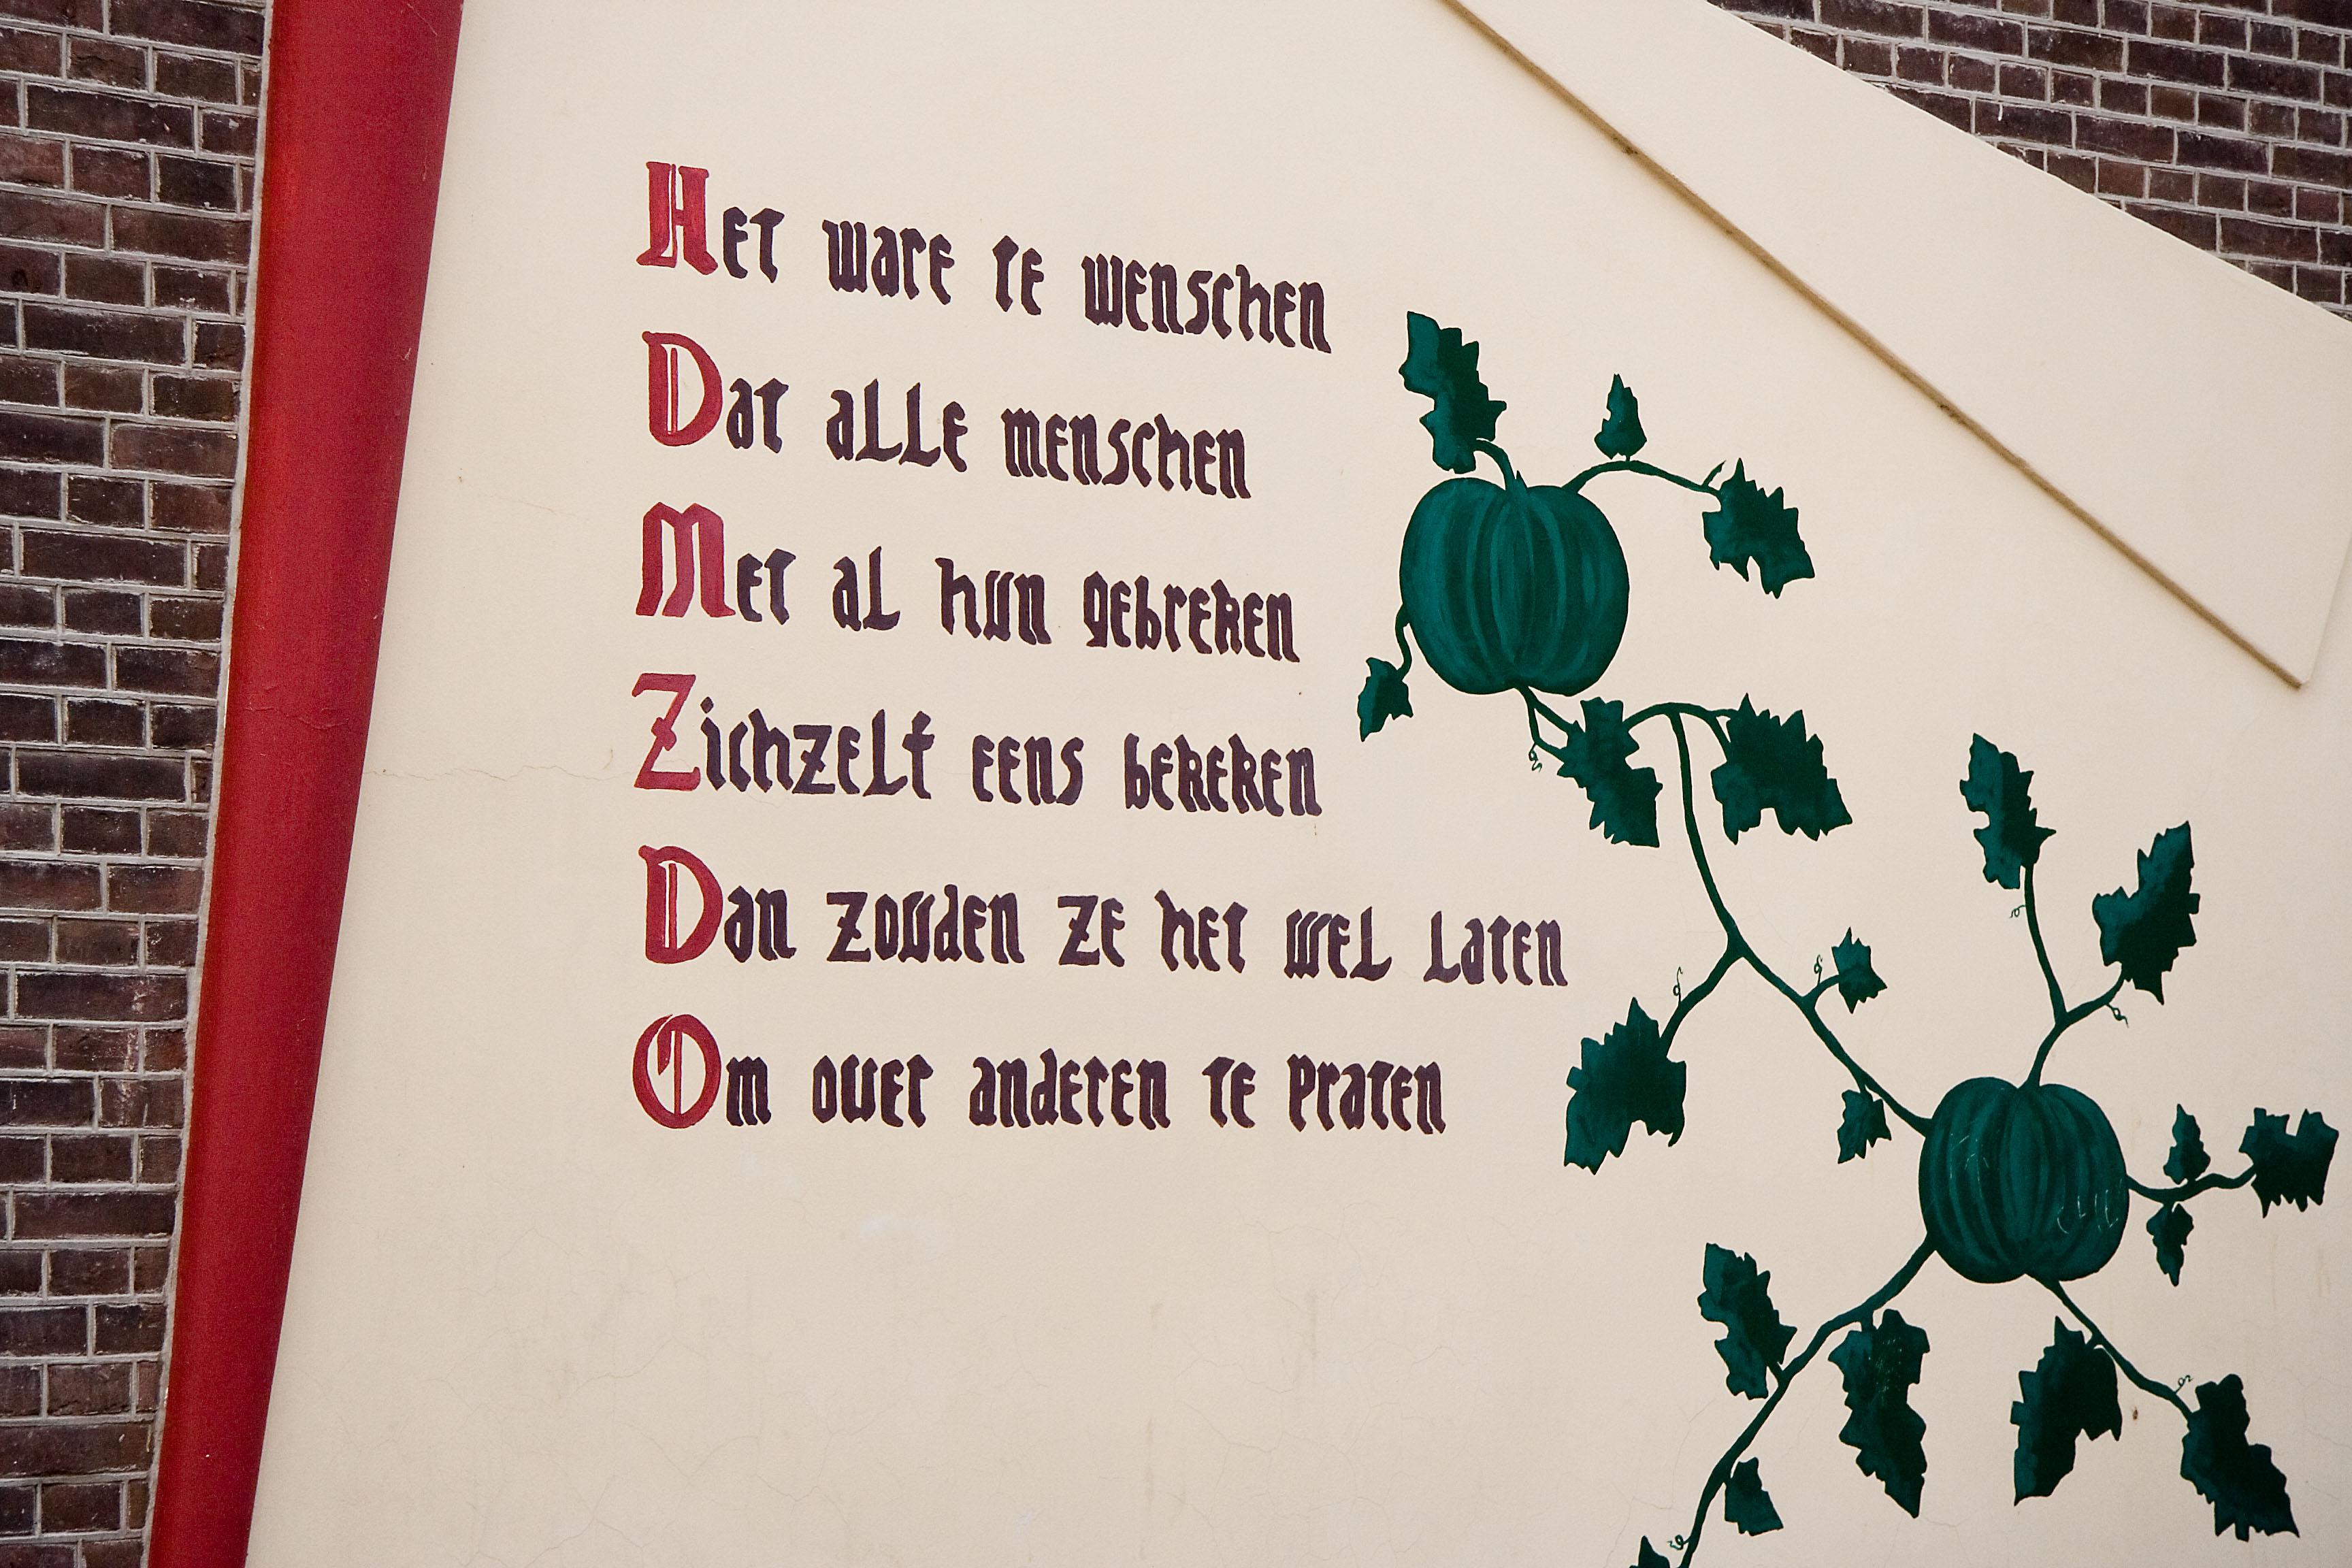 vierdaagse spreuken Aardige spreuk in Hoorn vierdaagse spreuken